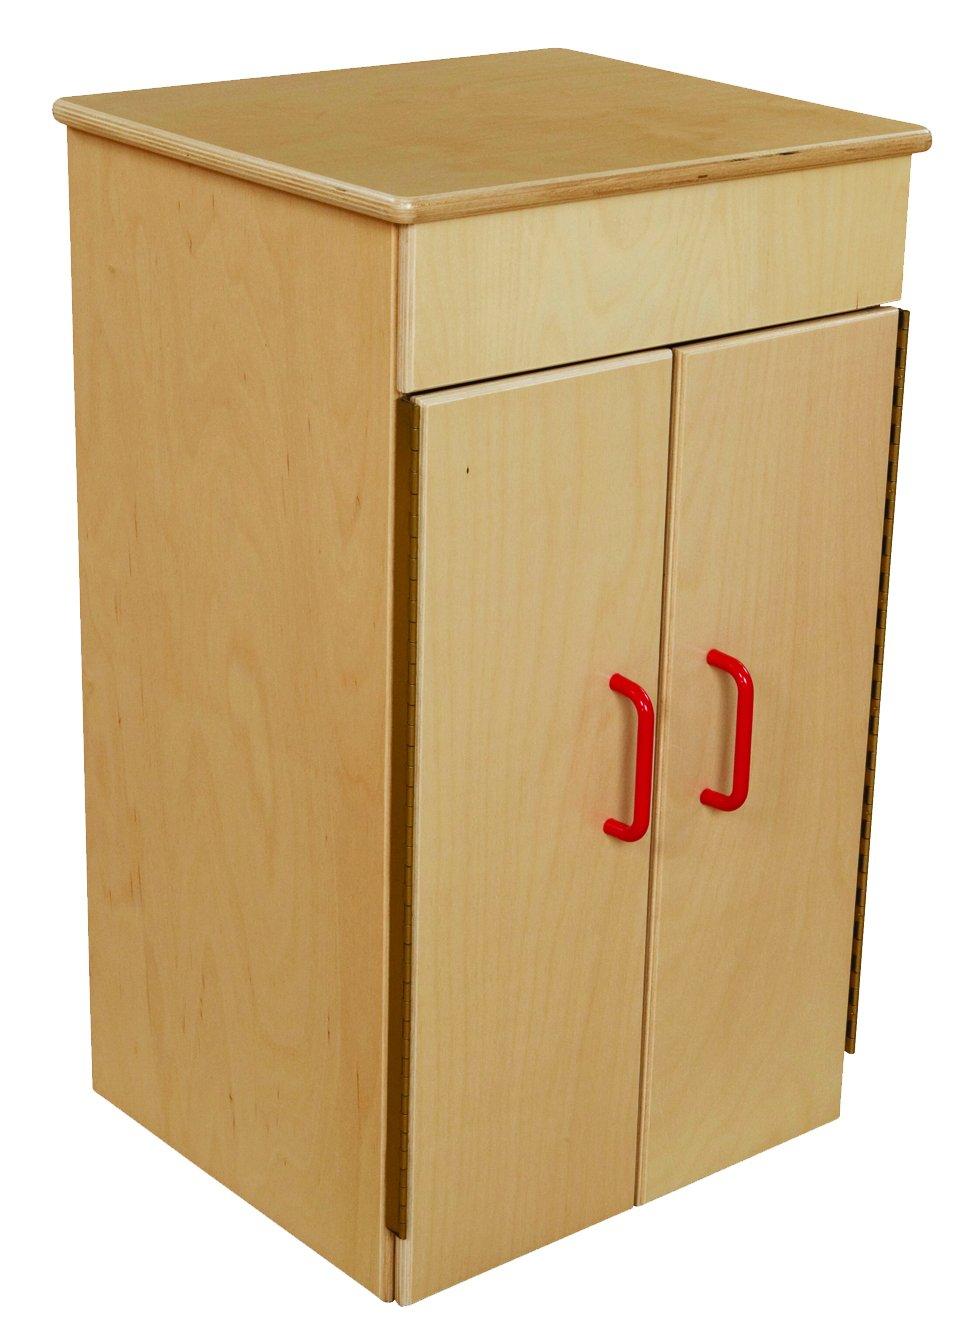 Wood Designs WD20400 Tot Refrigerator, 28 x 17 x 15'' (H x W x D)